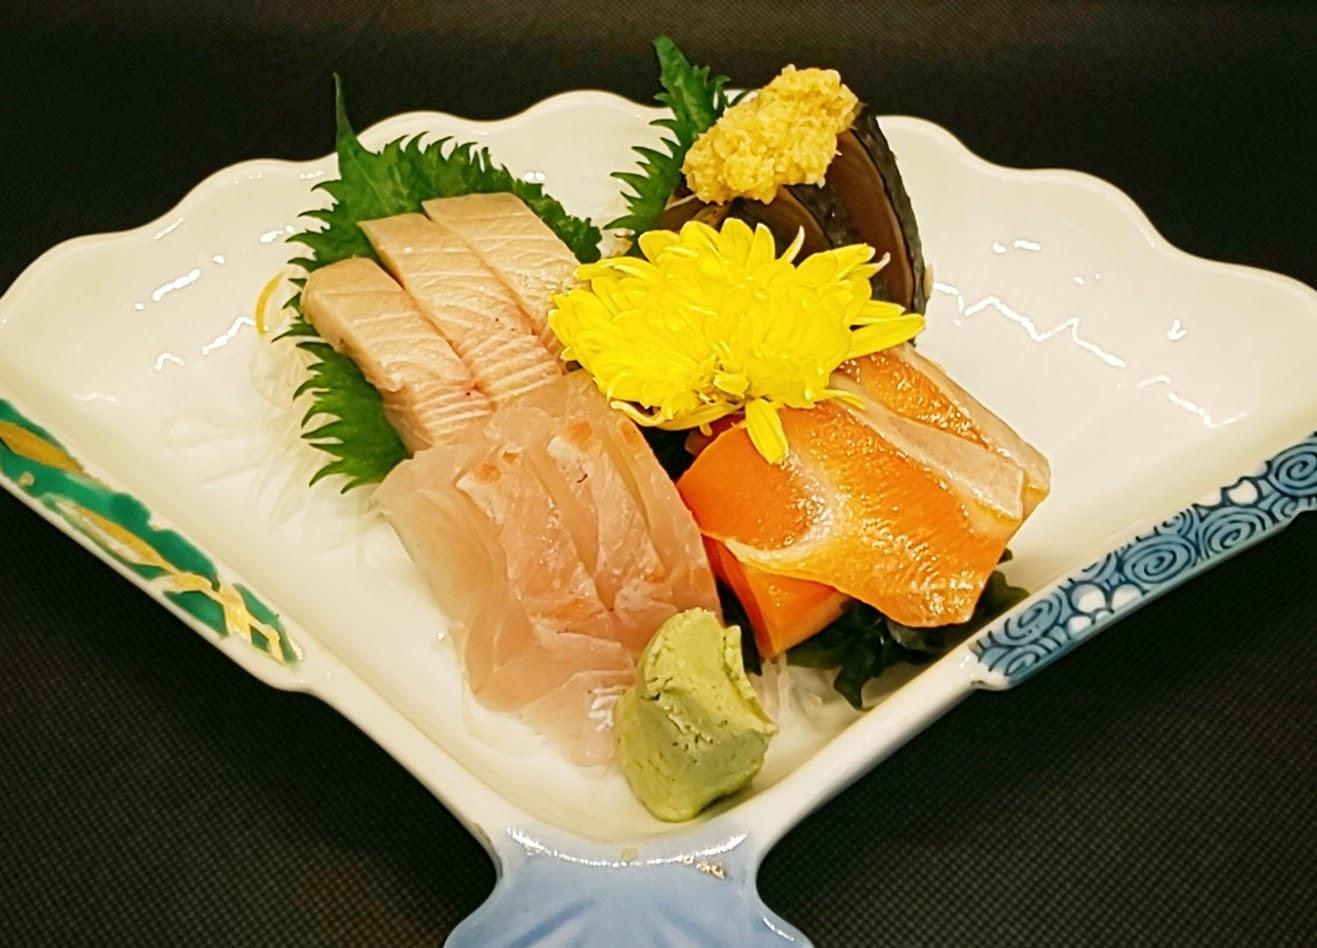 贈り物に悩んだら食事券はいかが? 秋田「郷土料理が堪能できるお店」